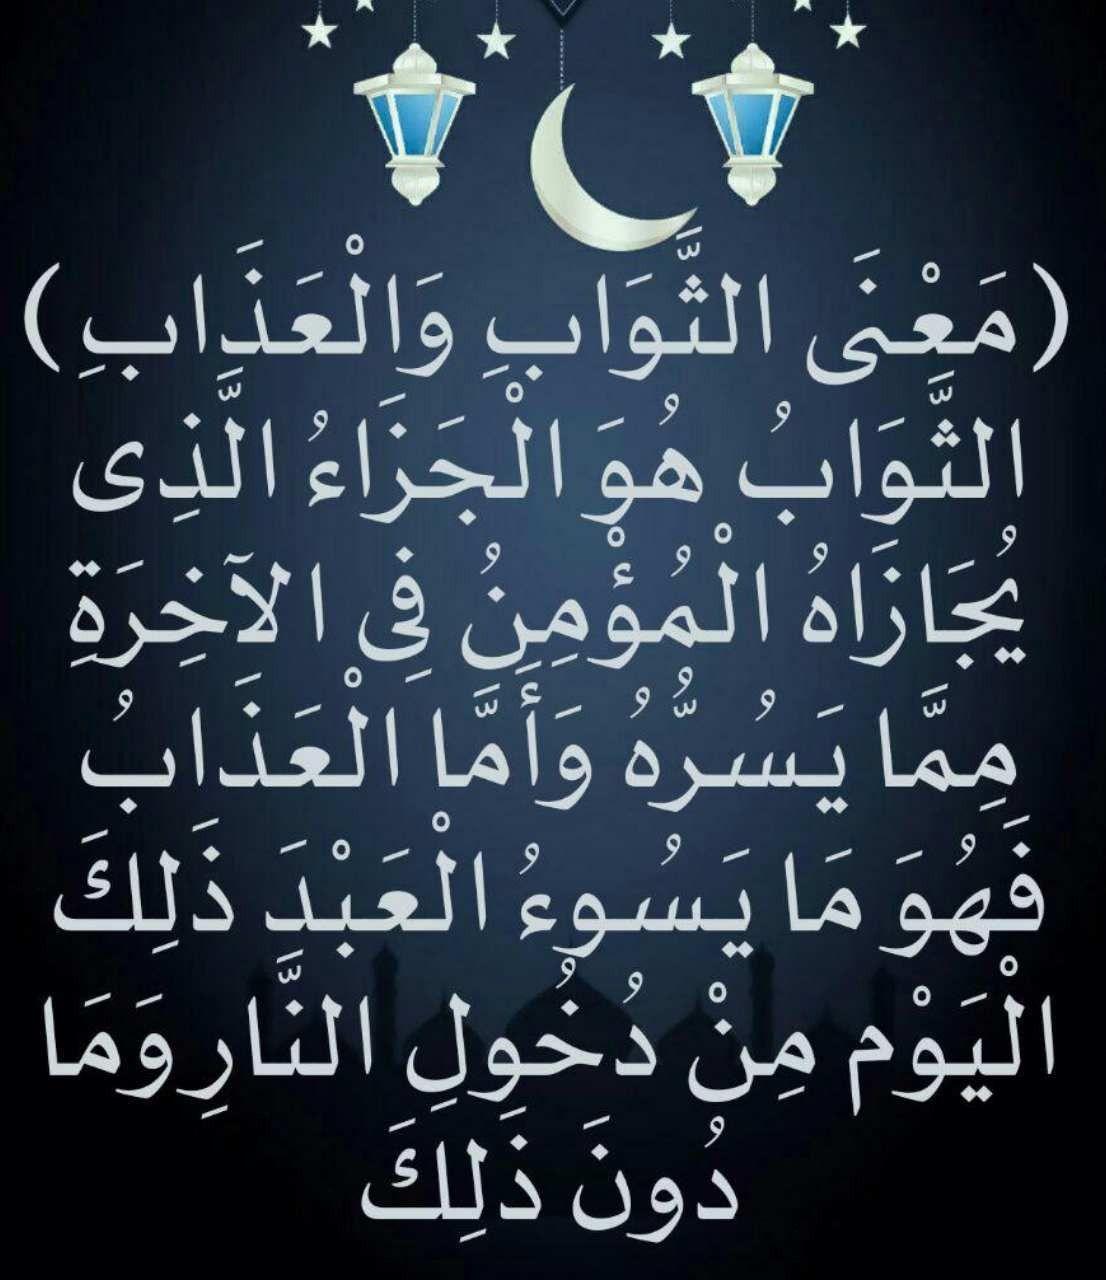 الثواب والعقاب Arabic Calligraphy Islam